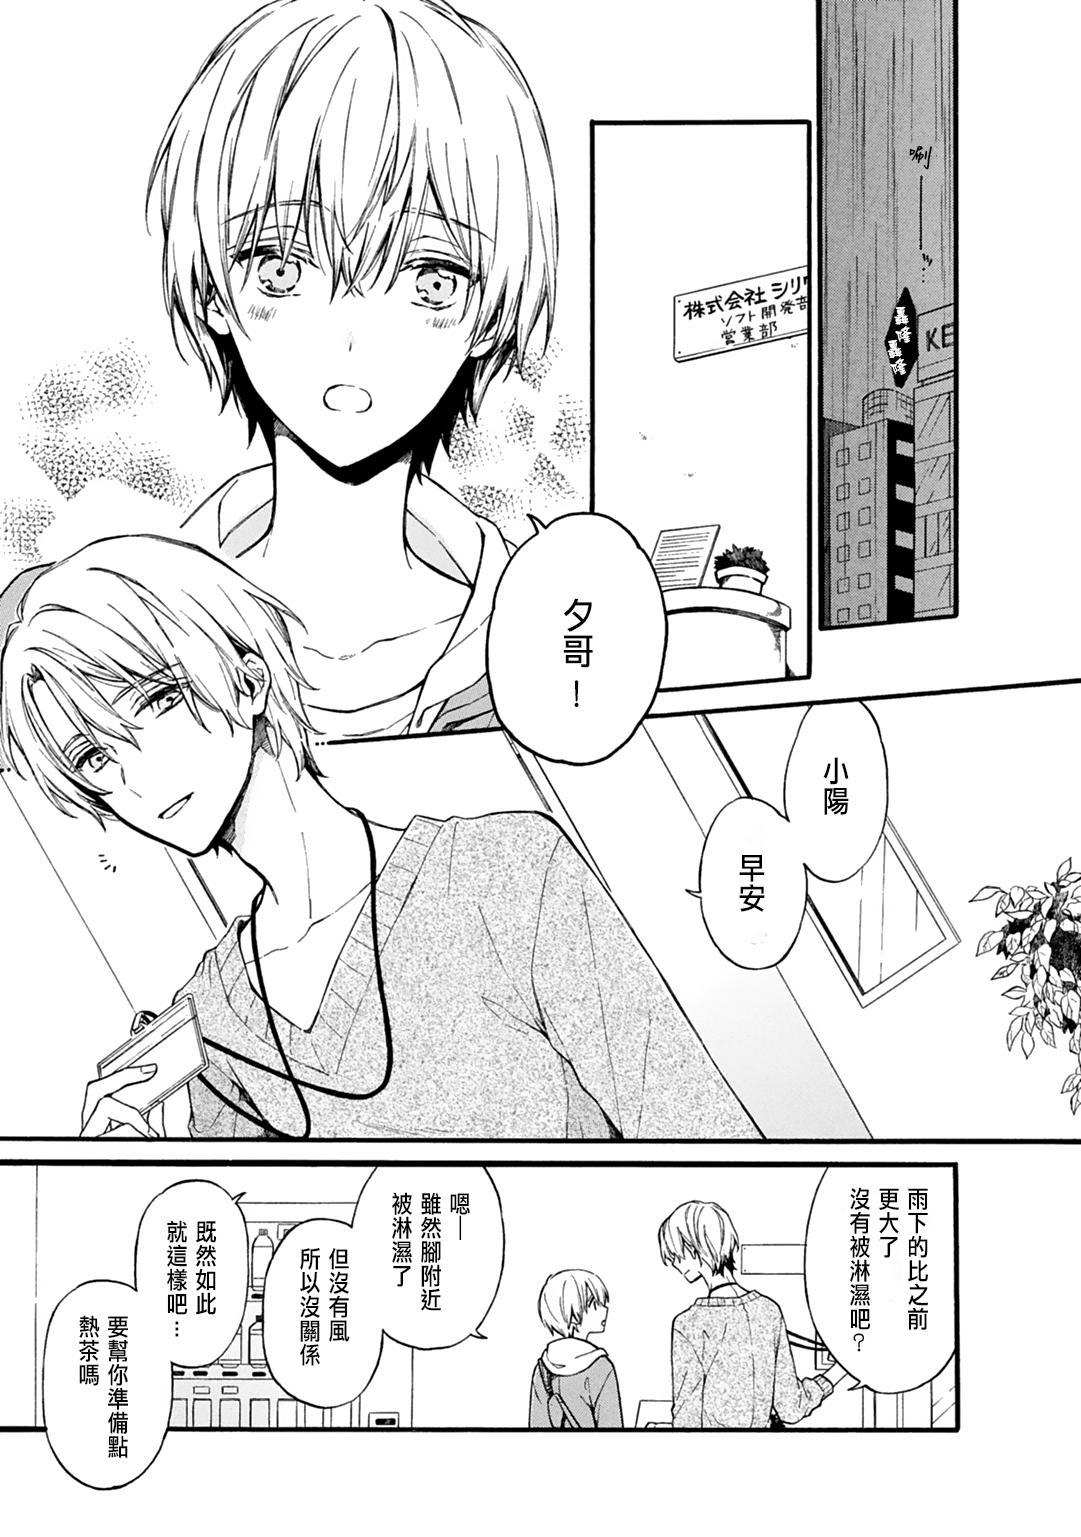 [Suzushiro Nerita] Otomege (18-kin) de Nyotaika shita Ore wa ~Clear Jouken wa Dekiai Ecchi!?~ 1-3 [Chinese] 2